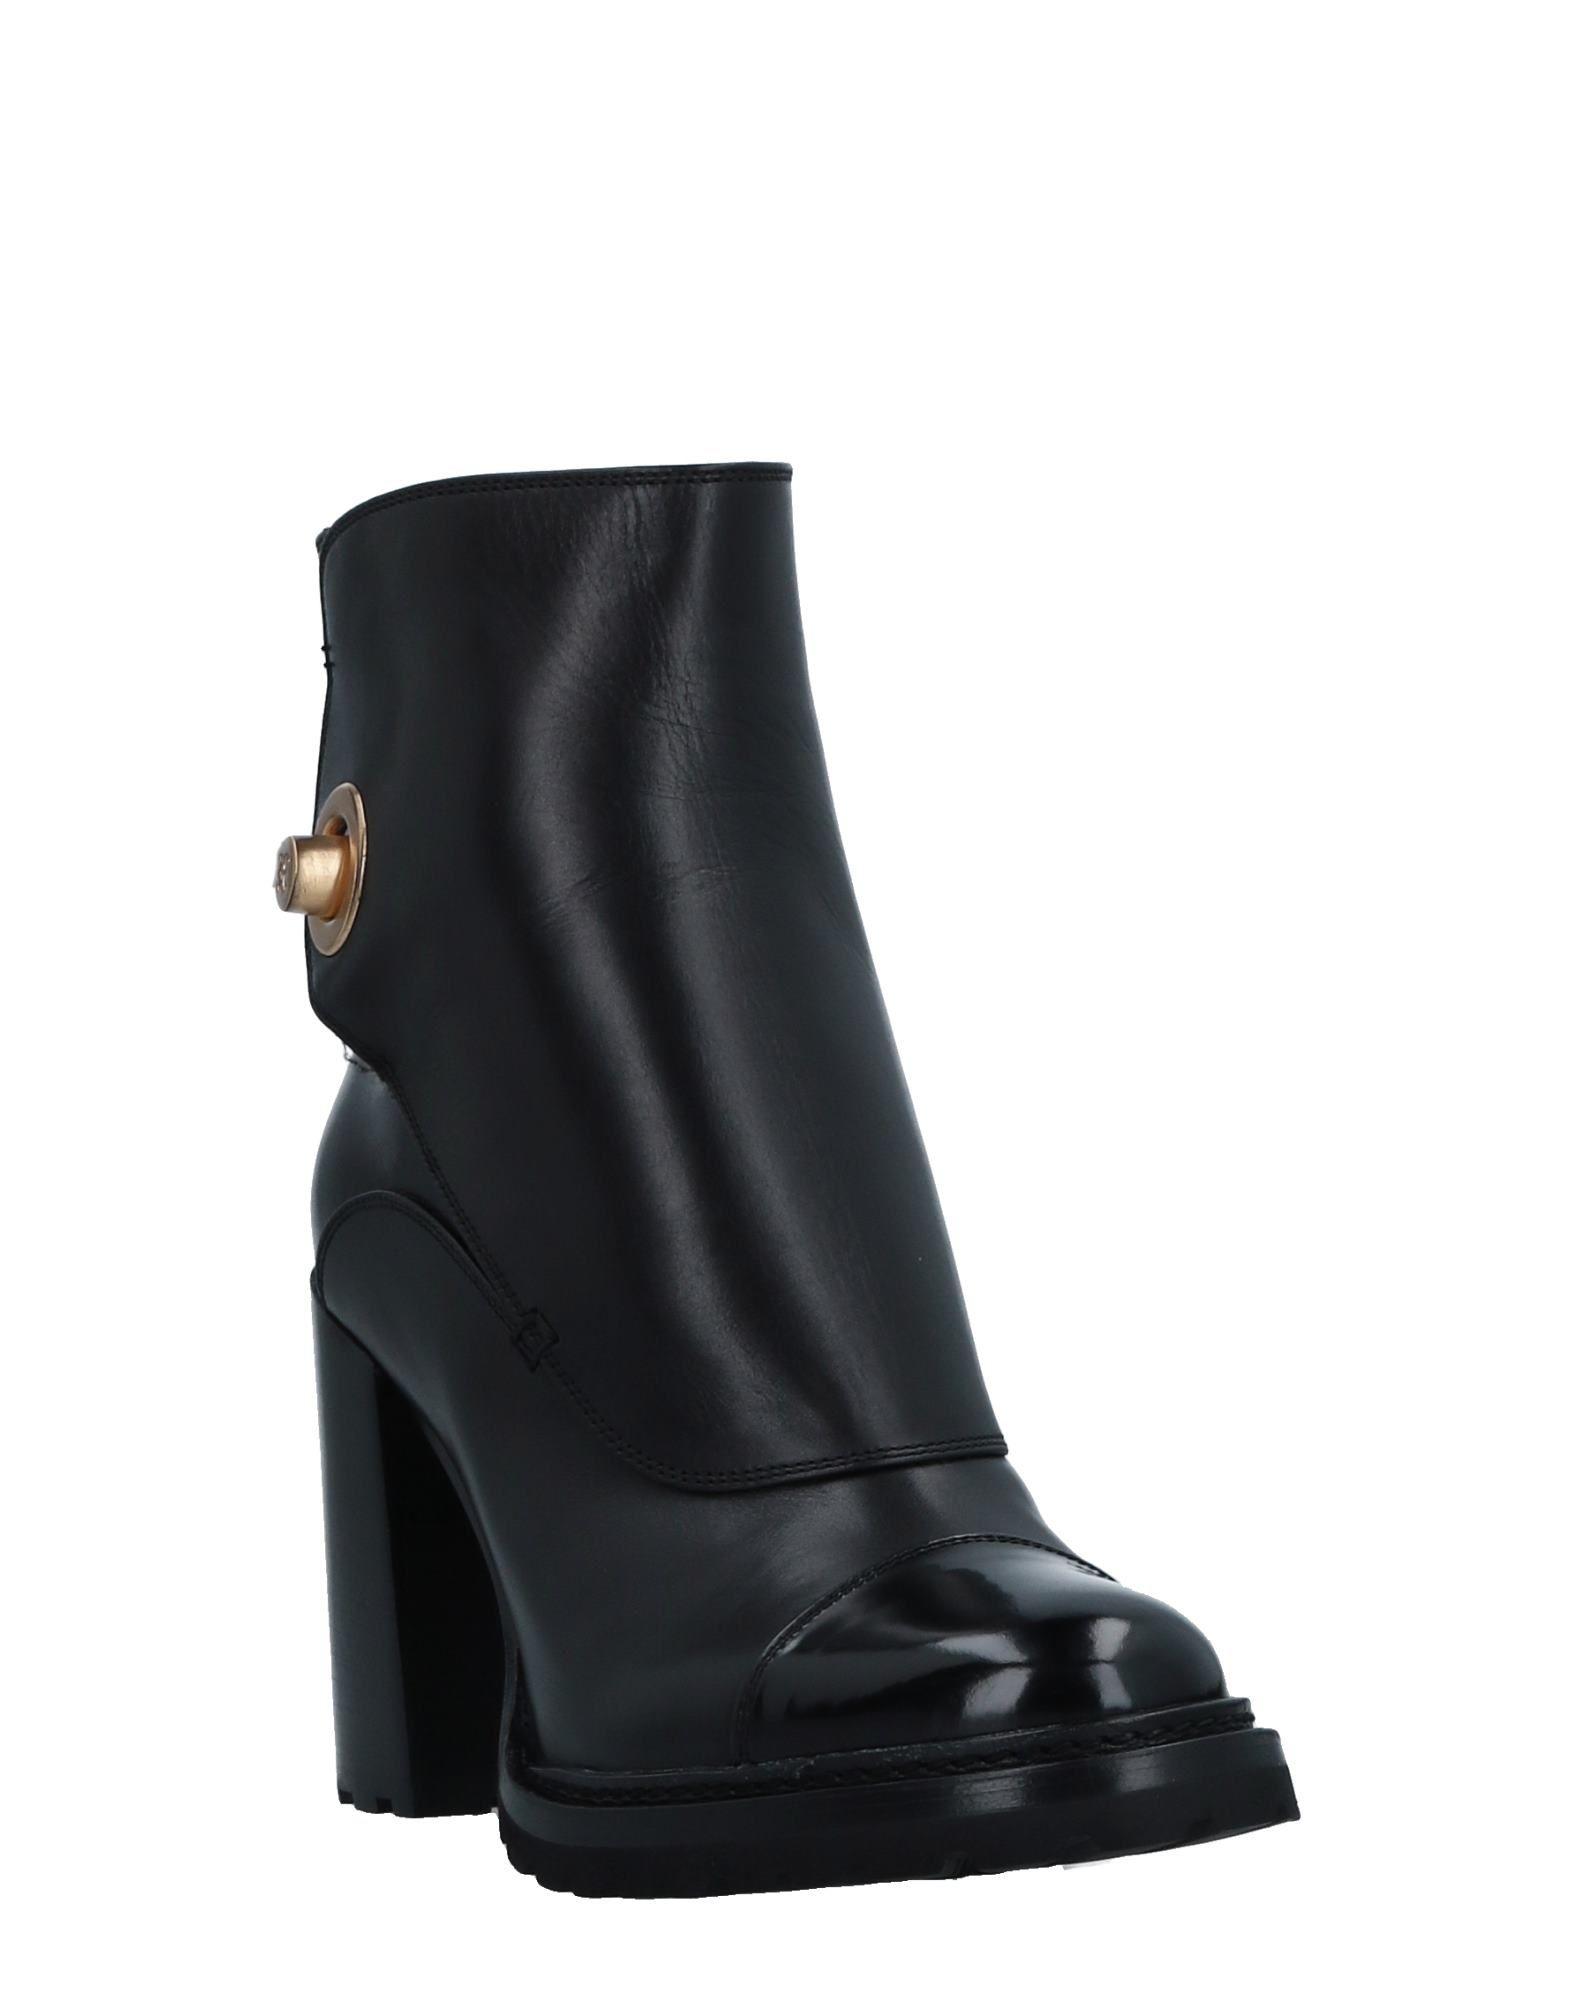 Fabi Schuhe Stiefelette Damen  11518334HT Heiße Schuhe Fabi 0562b3